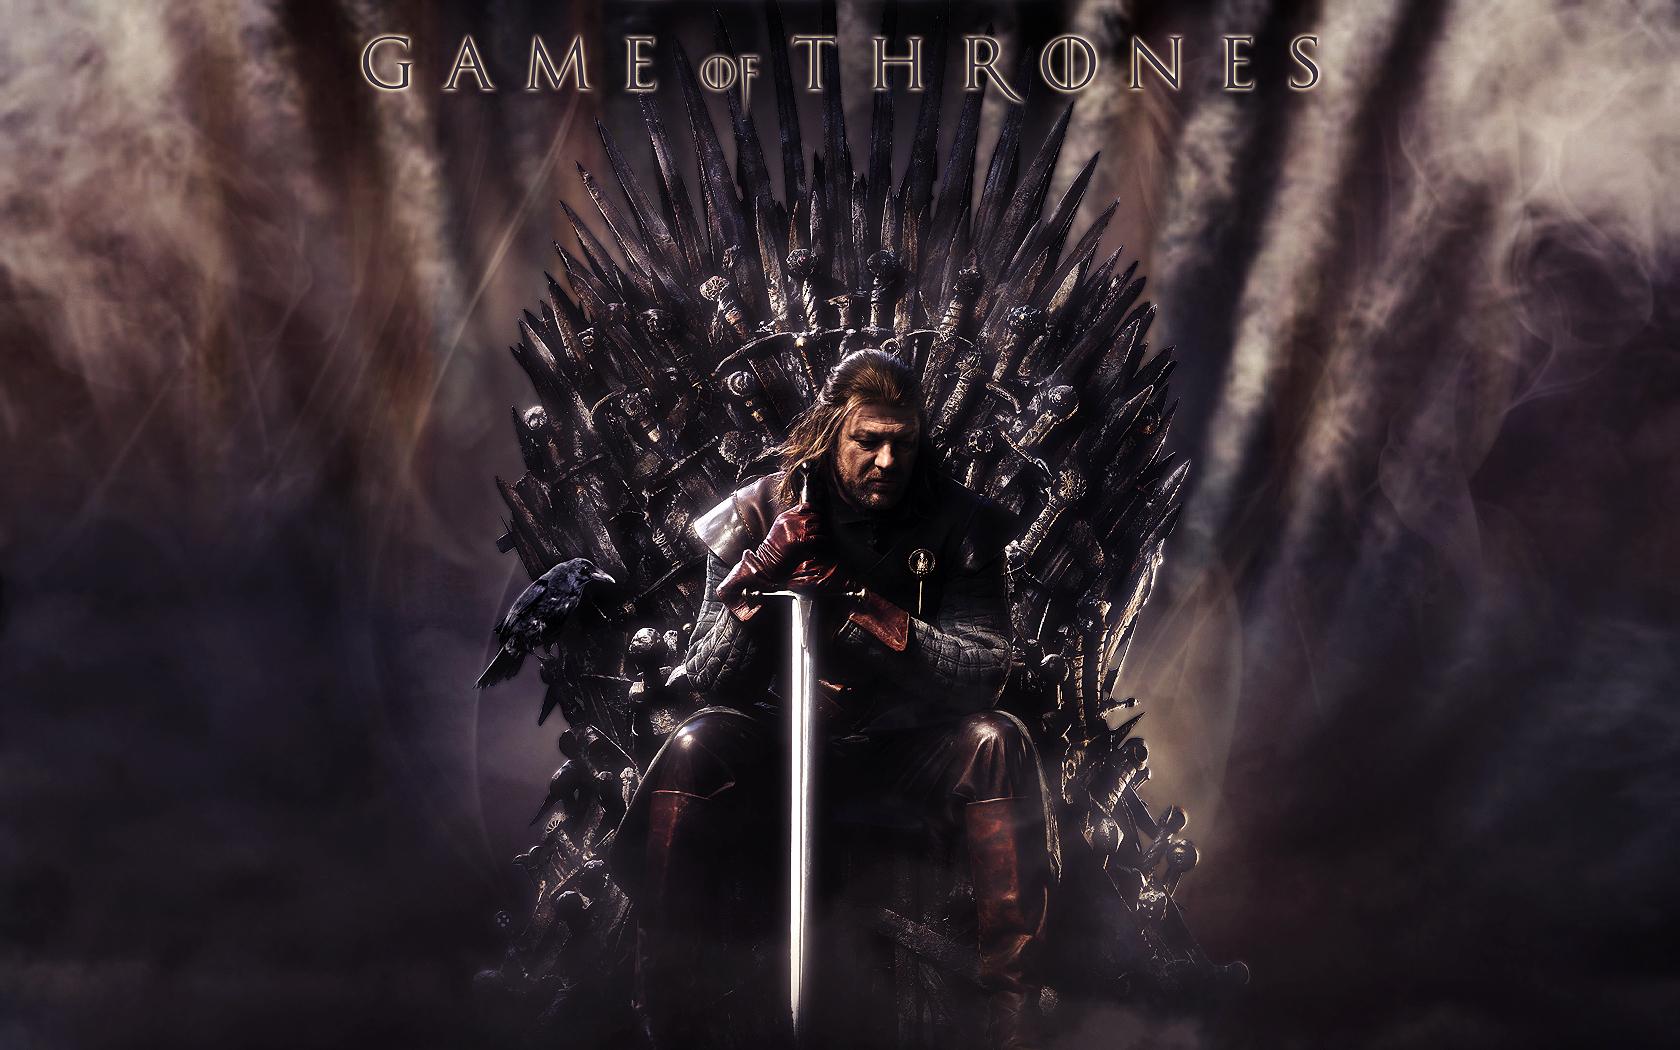 Eddard-Ned-Stark-game-of-thrones